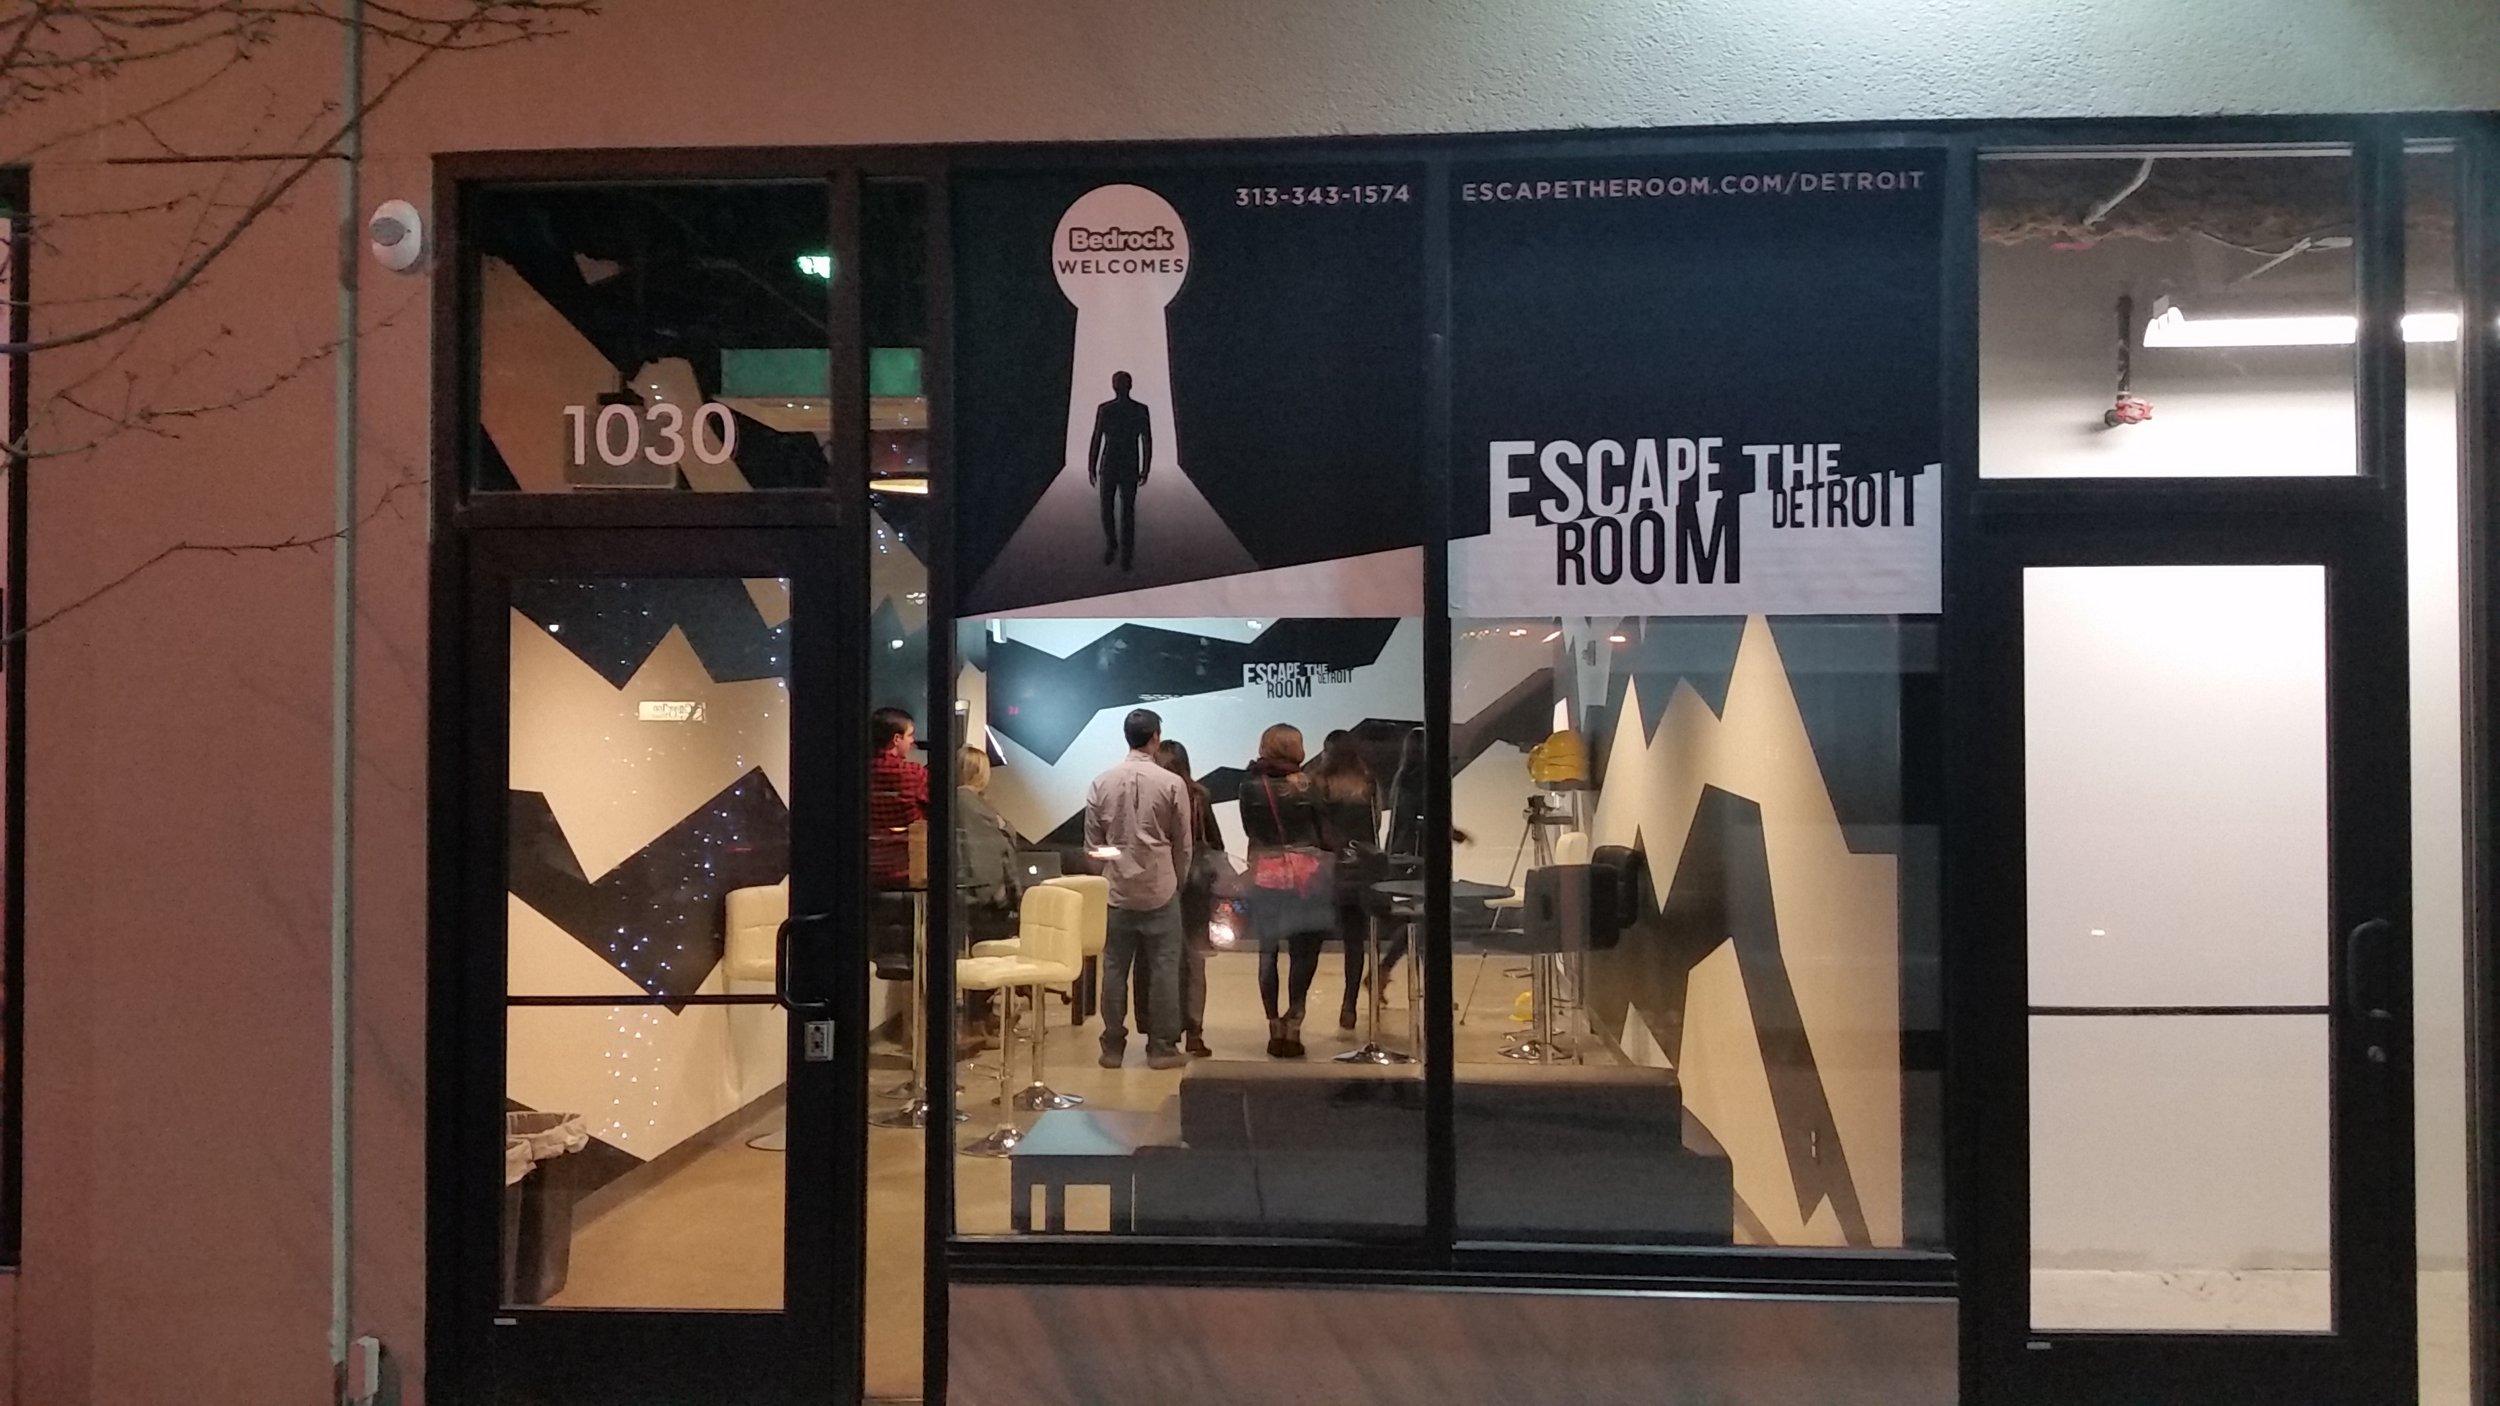 Escape the Room - Detroit